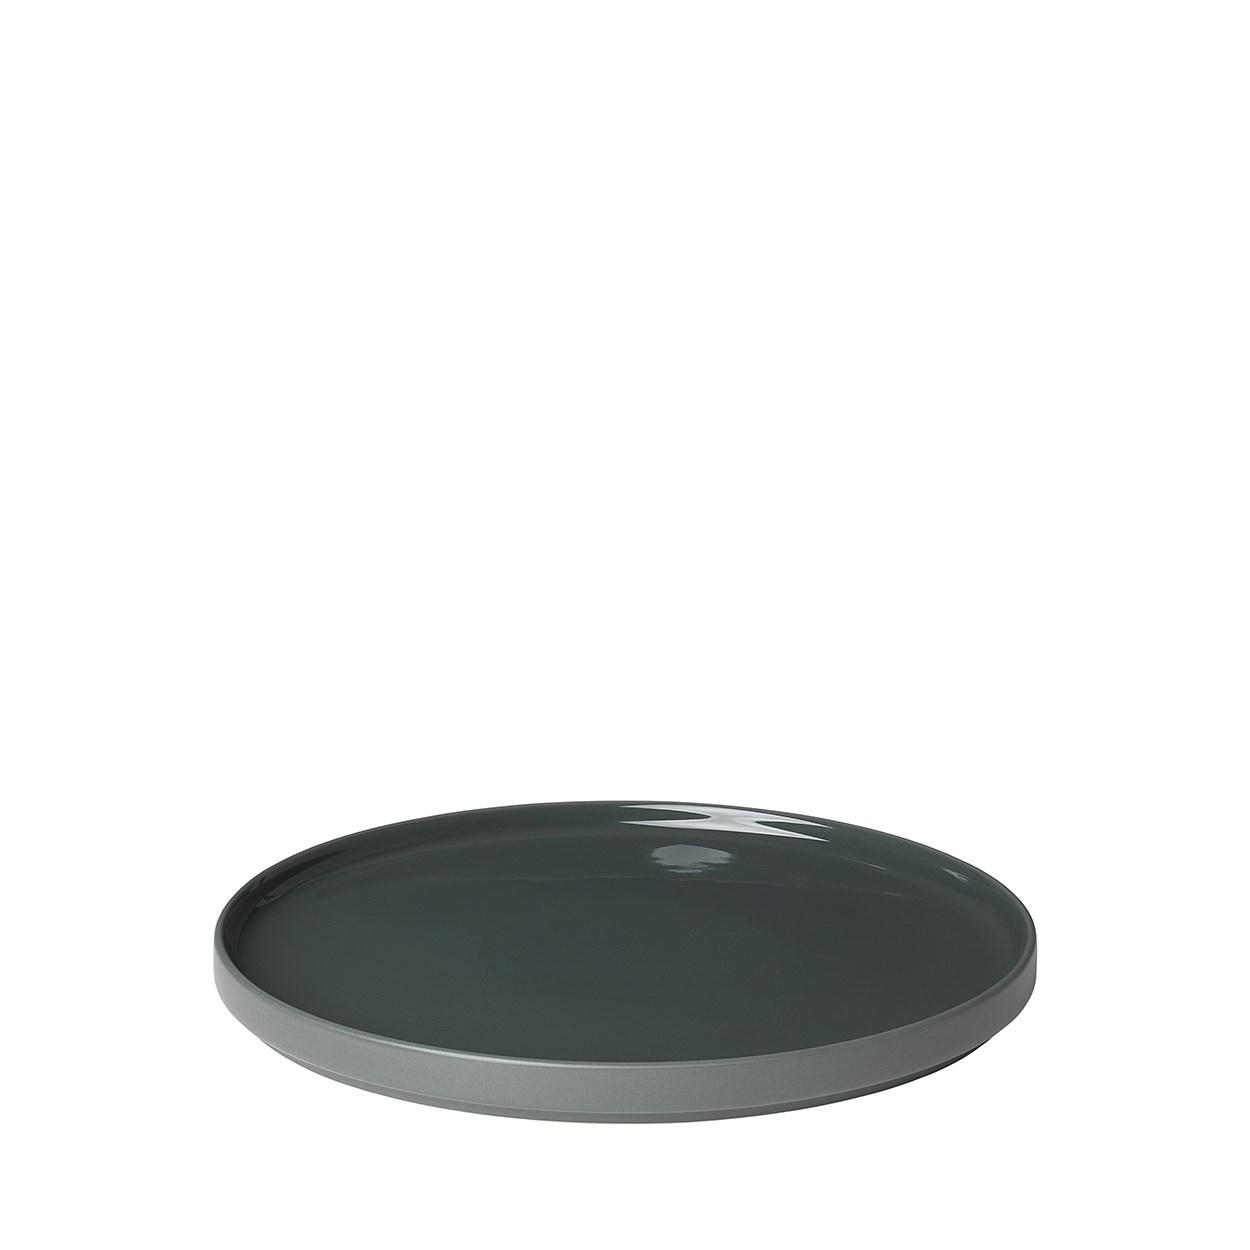 Mělký talíř MIO 27 cm agave_0